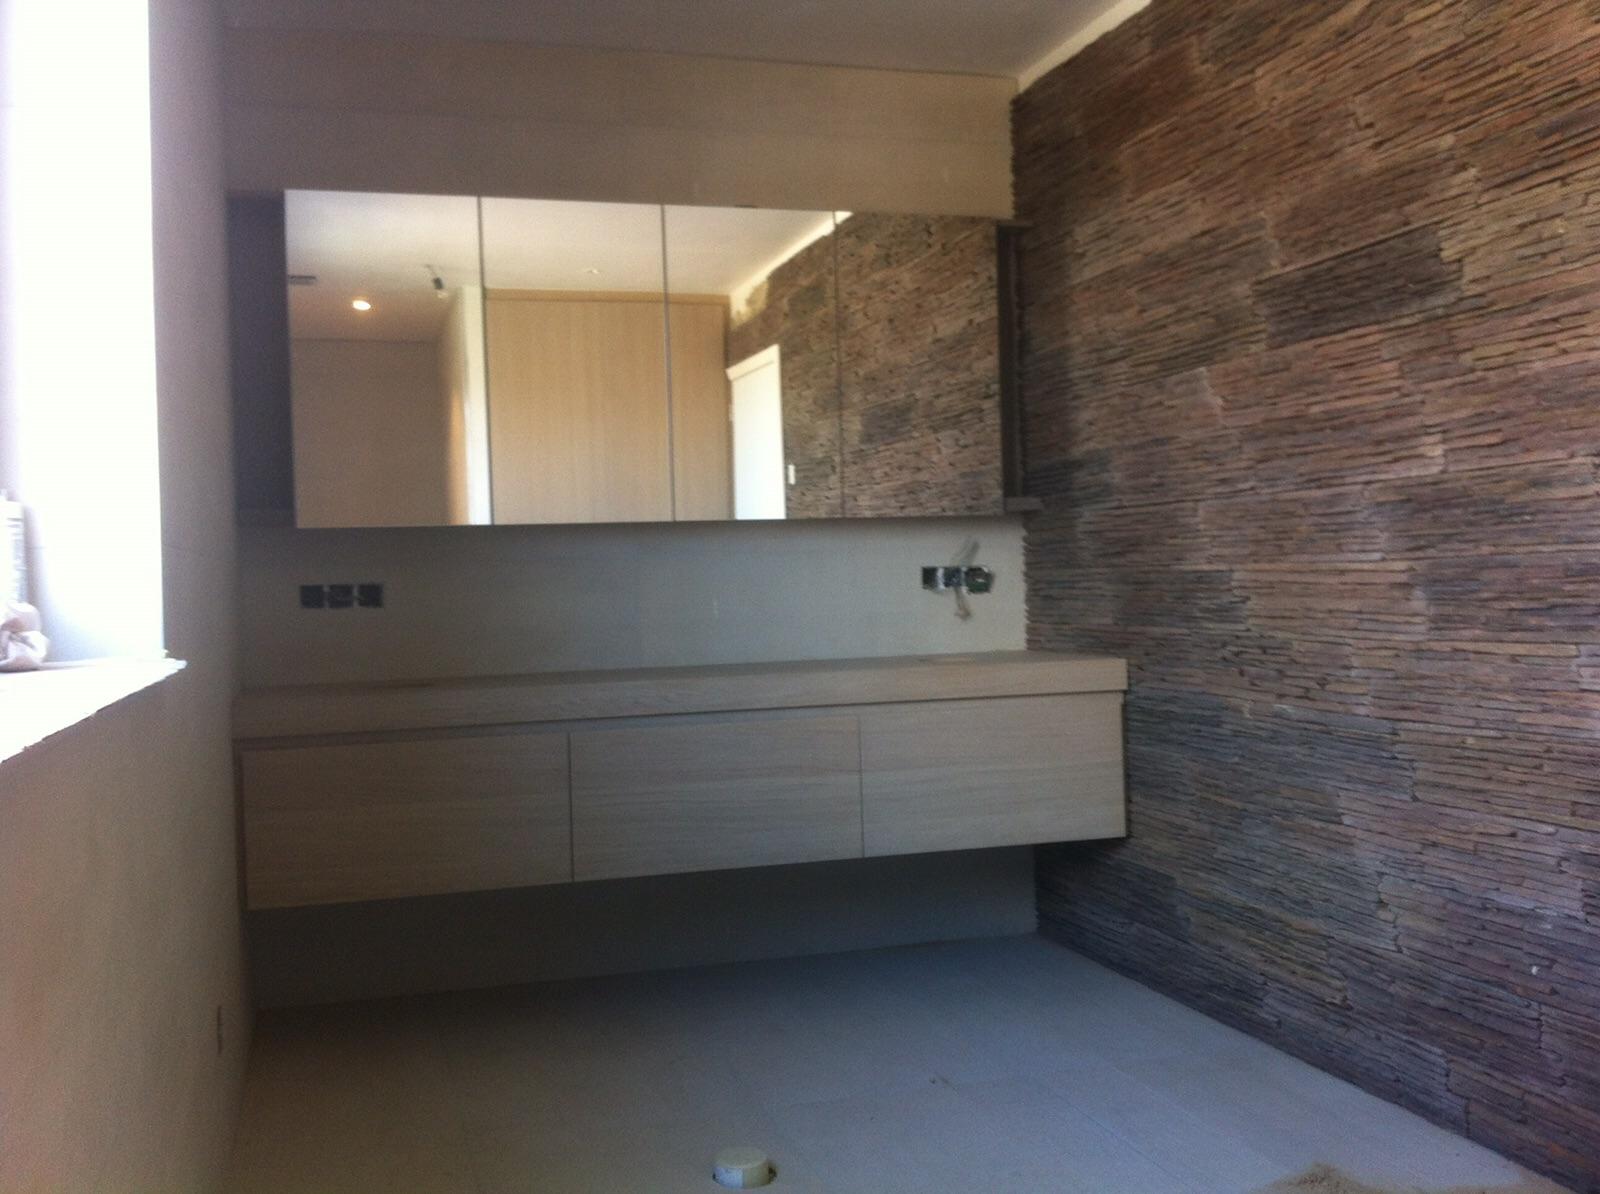 Badkamermeubel design by devos - Moderne badkamer meubels ...